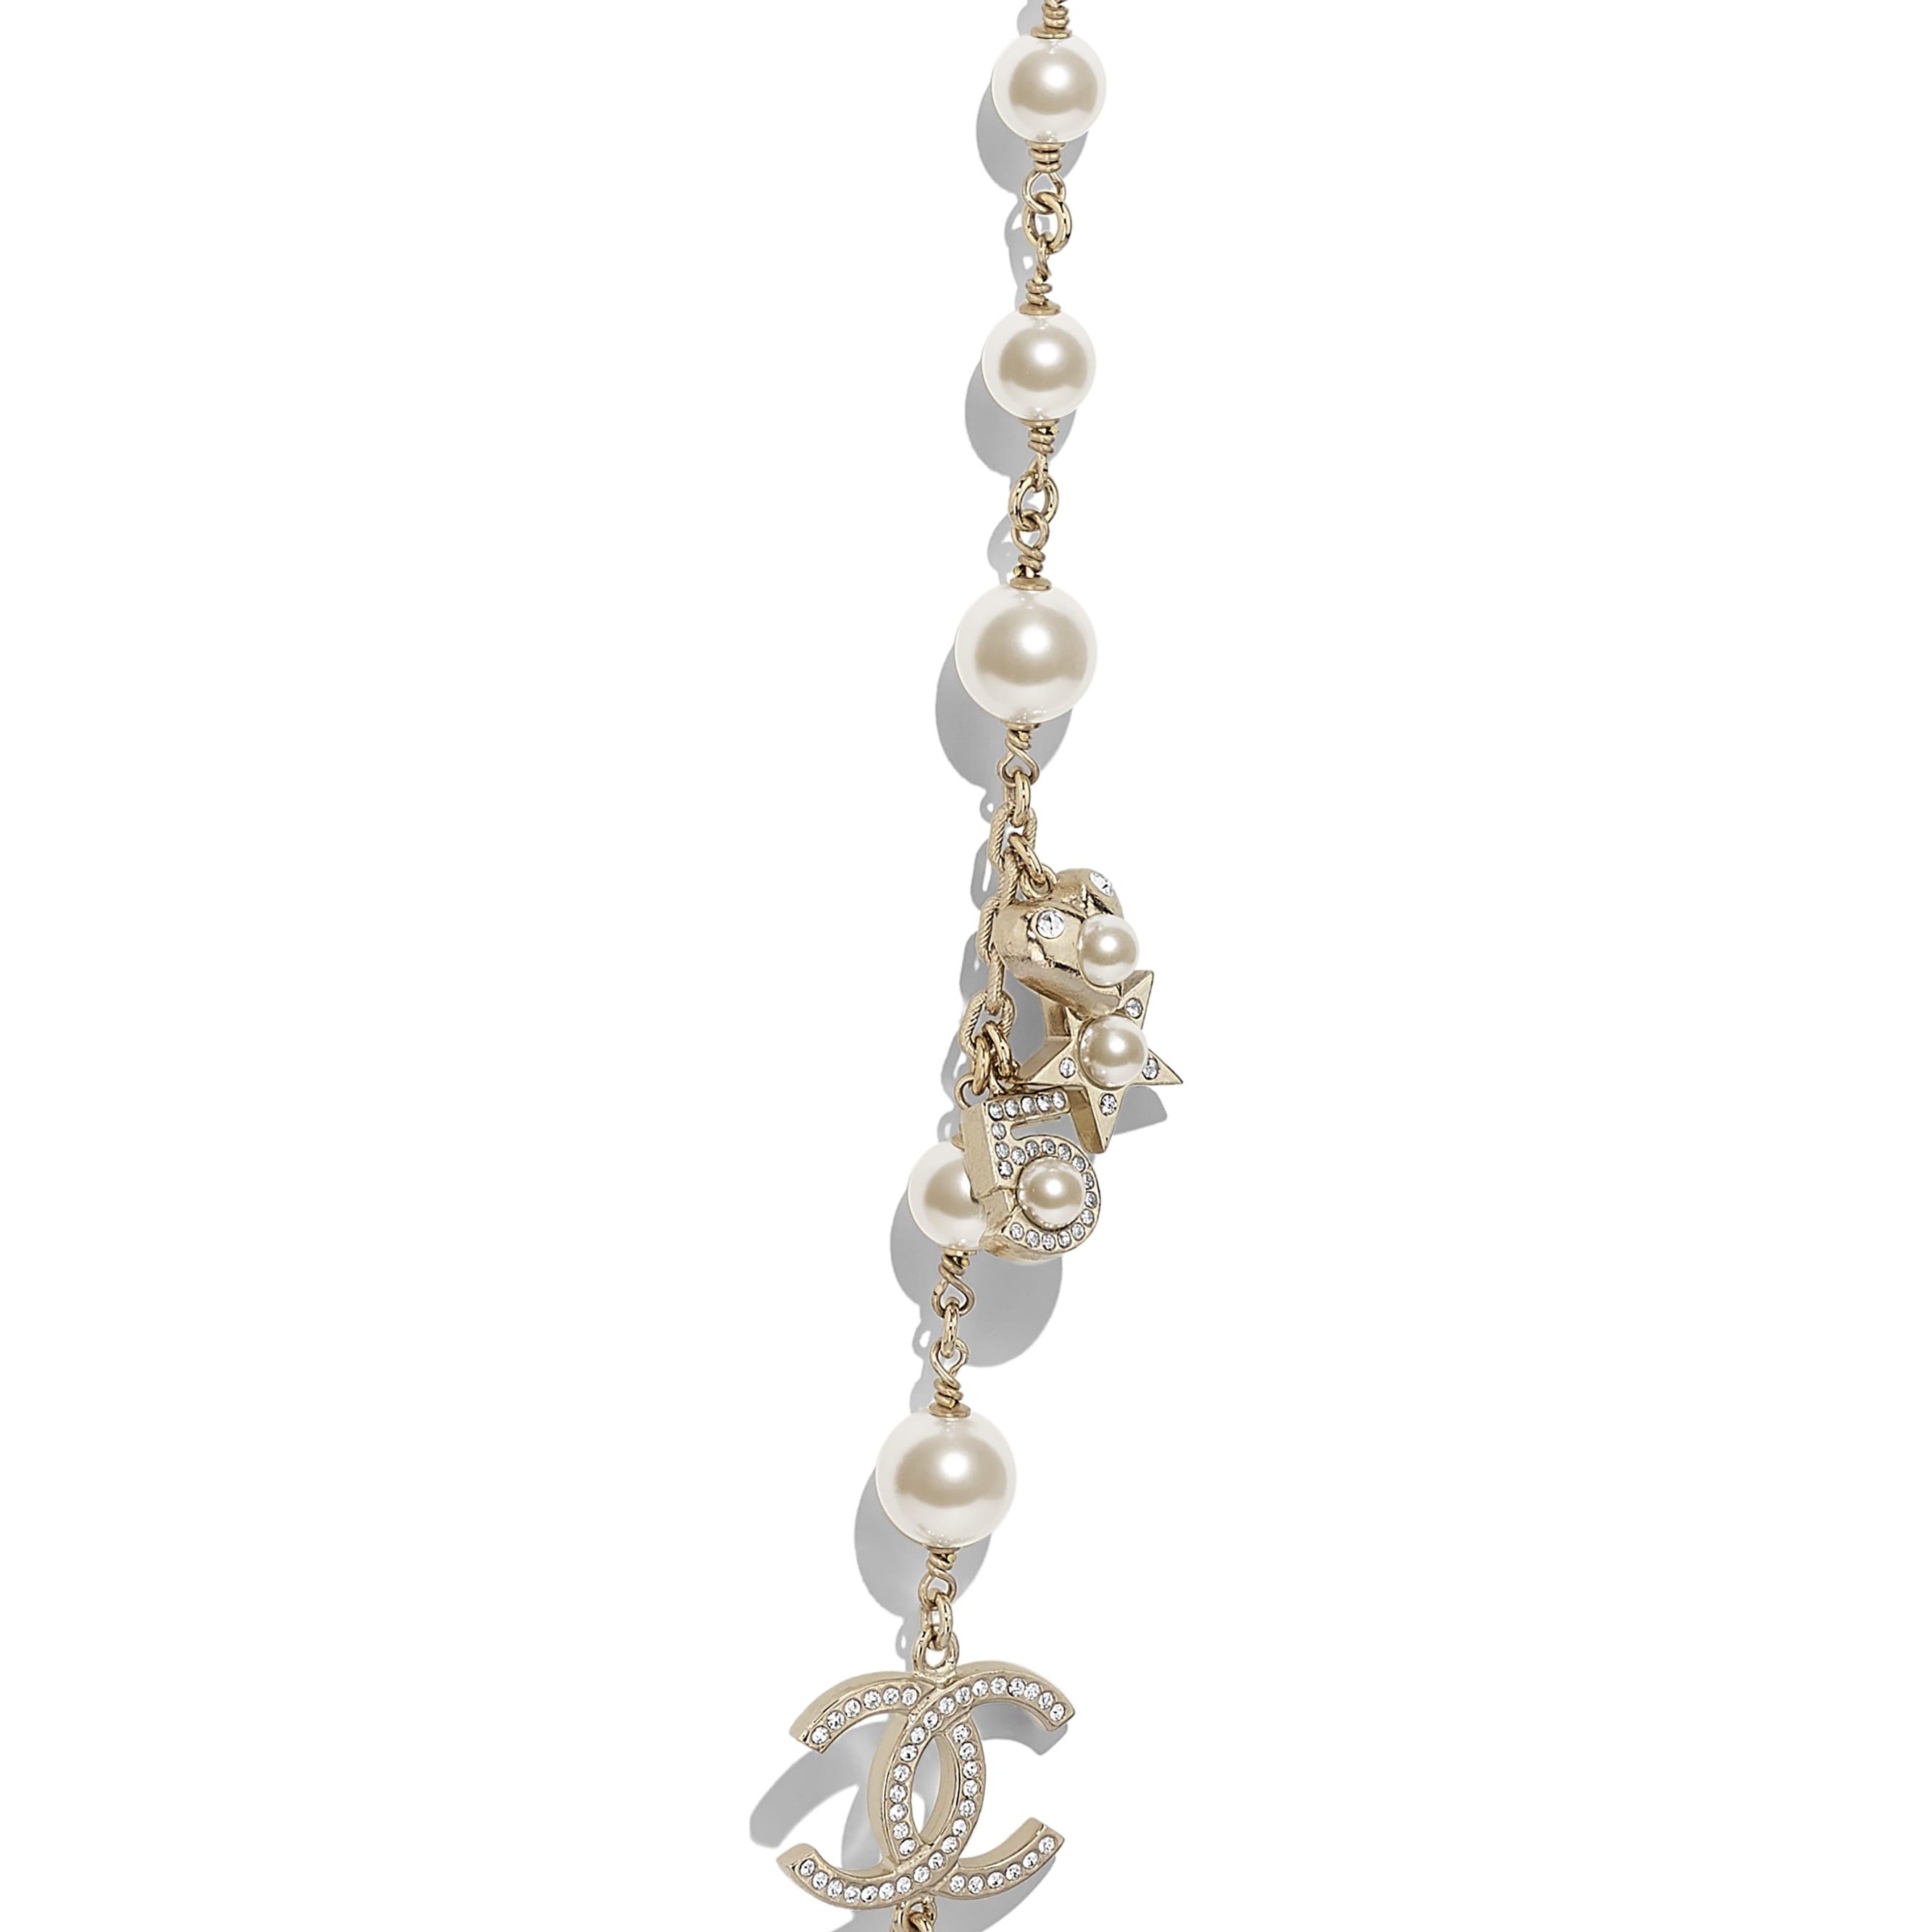 長項鏈 - 金、珍珠白與水晶 - 金屬、琉璃珠與水鑽 - 其他視圖 - 查看標準尺寸版本